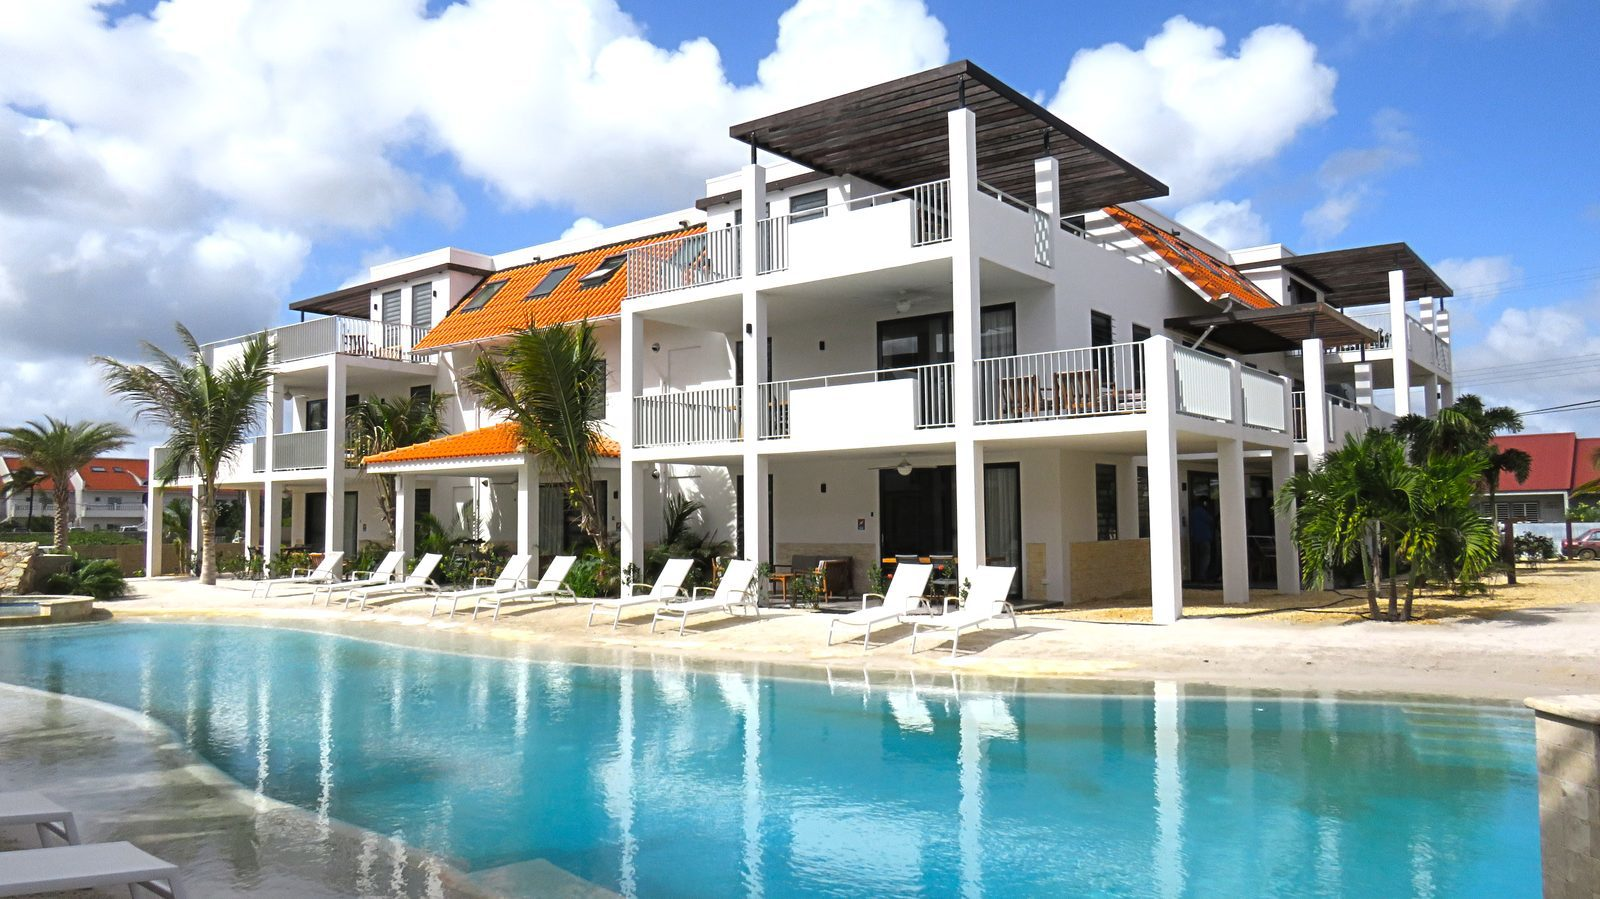 Een verblijf op Bonaire gezocht? Kies dan voor Resort Bonaire. Een nieuw, luxe resort met appartementen, voorzien zijn van alle benodigdheden.